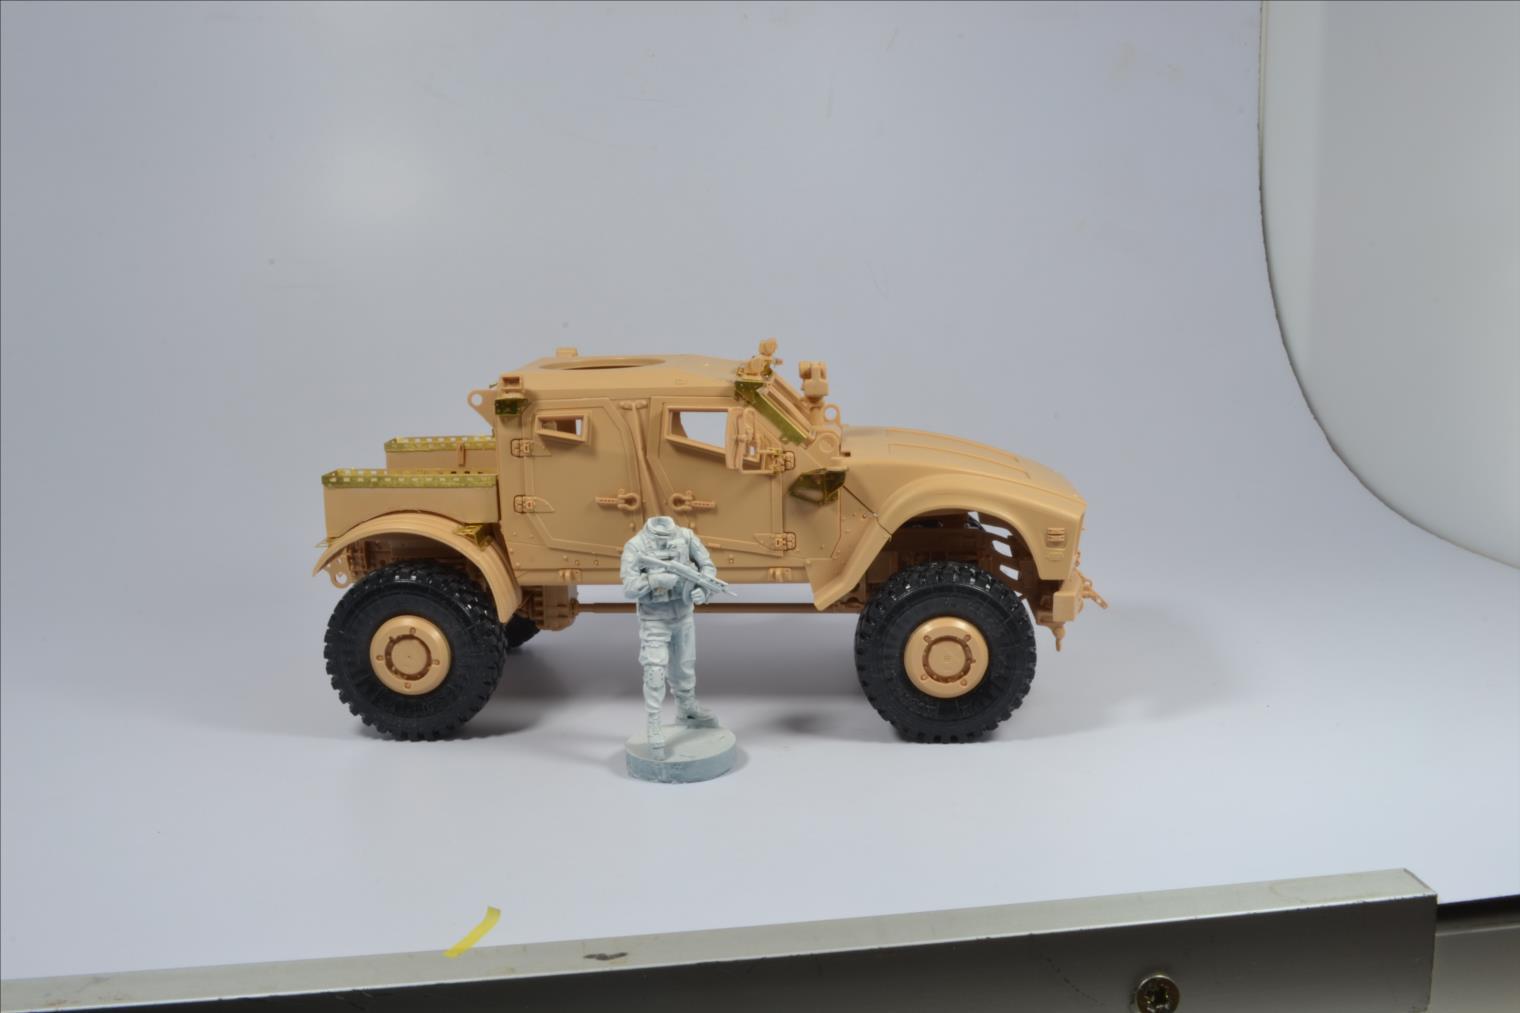 M 1240 A1 M-ATV 1/35 (RFM) - Page 2 20101407564422494217082148